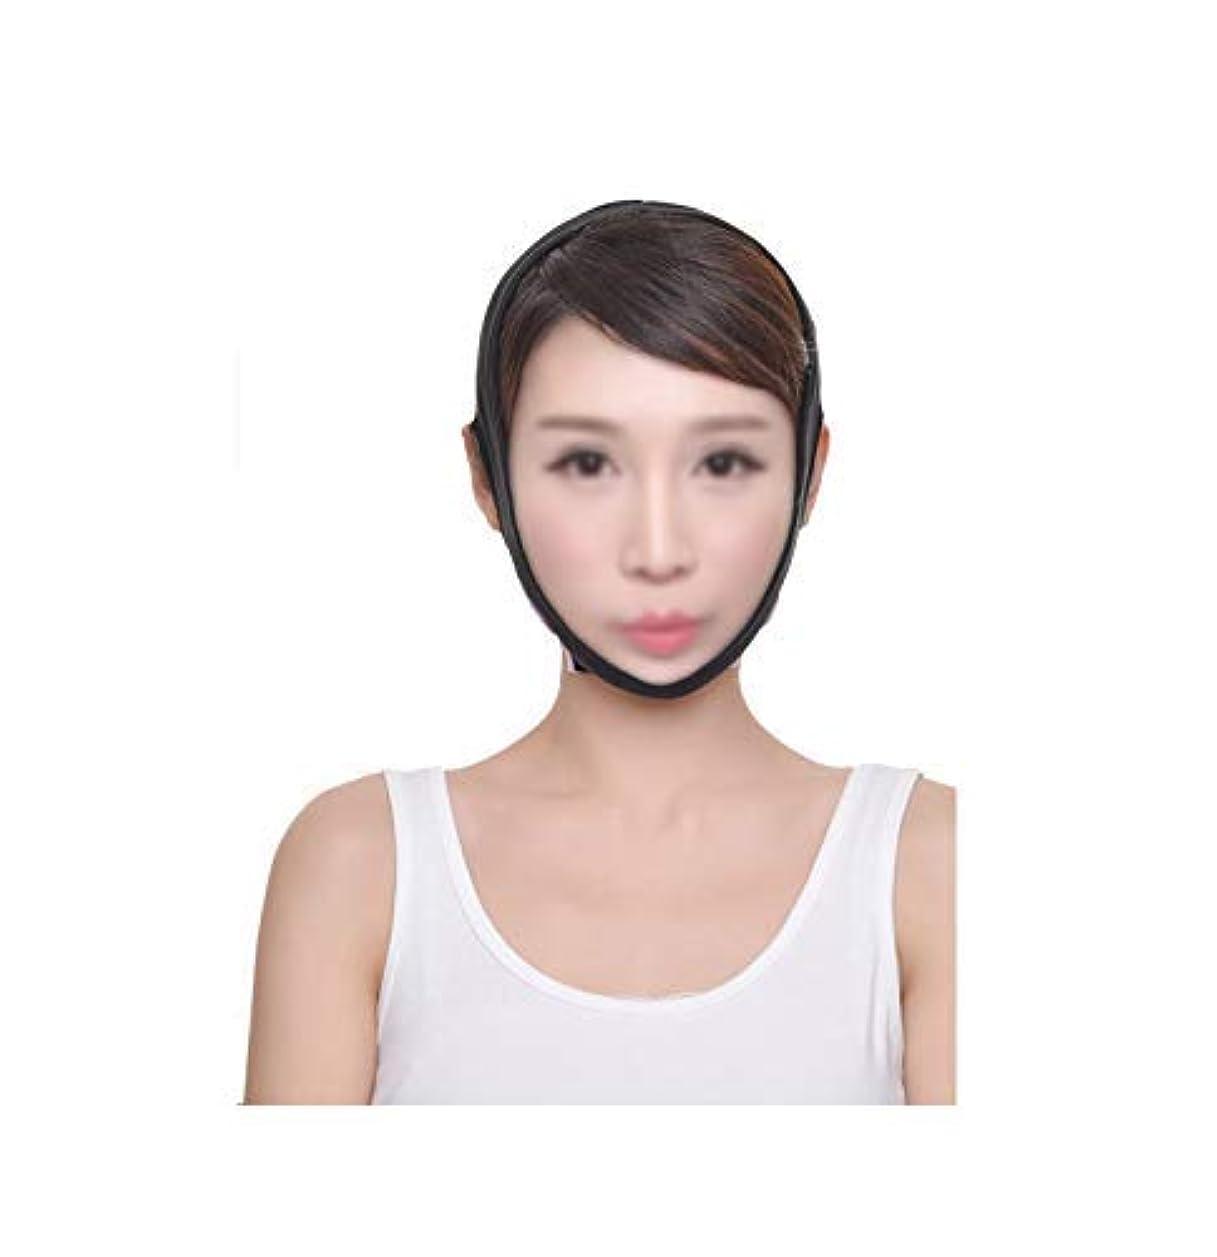 降臨リアル肌ファーミングフェイスマスク、フェイスリフティングアーティファクト脂肪吸引術術後整形二重あご美容マスクブラックフード(サイズ:L)